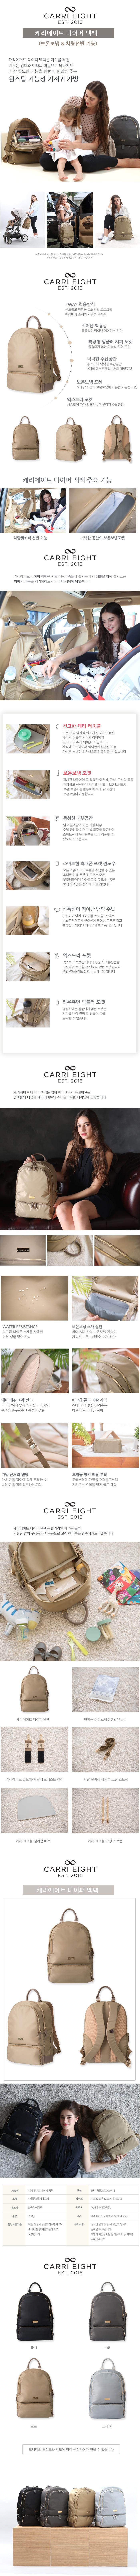 다이퍼 백팩 - 캐리에이트, 135,000원, 파우치/보조가방, 보조가방